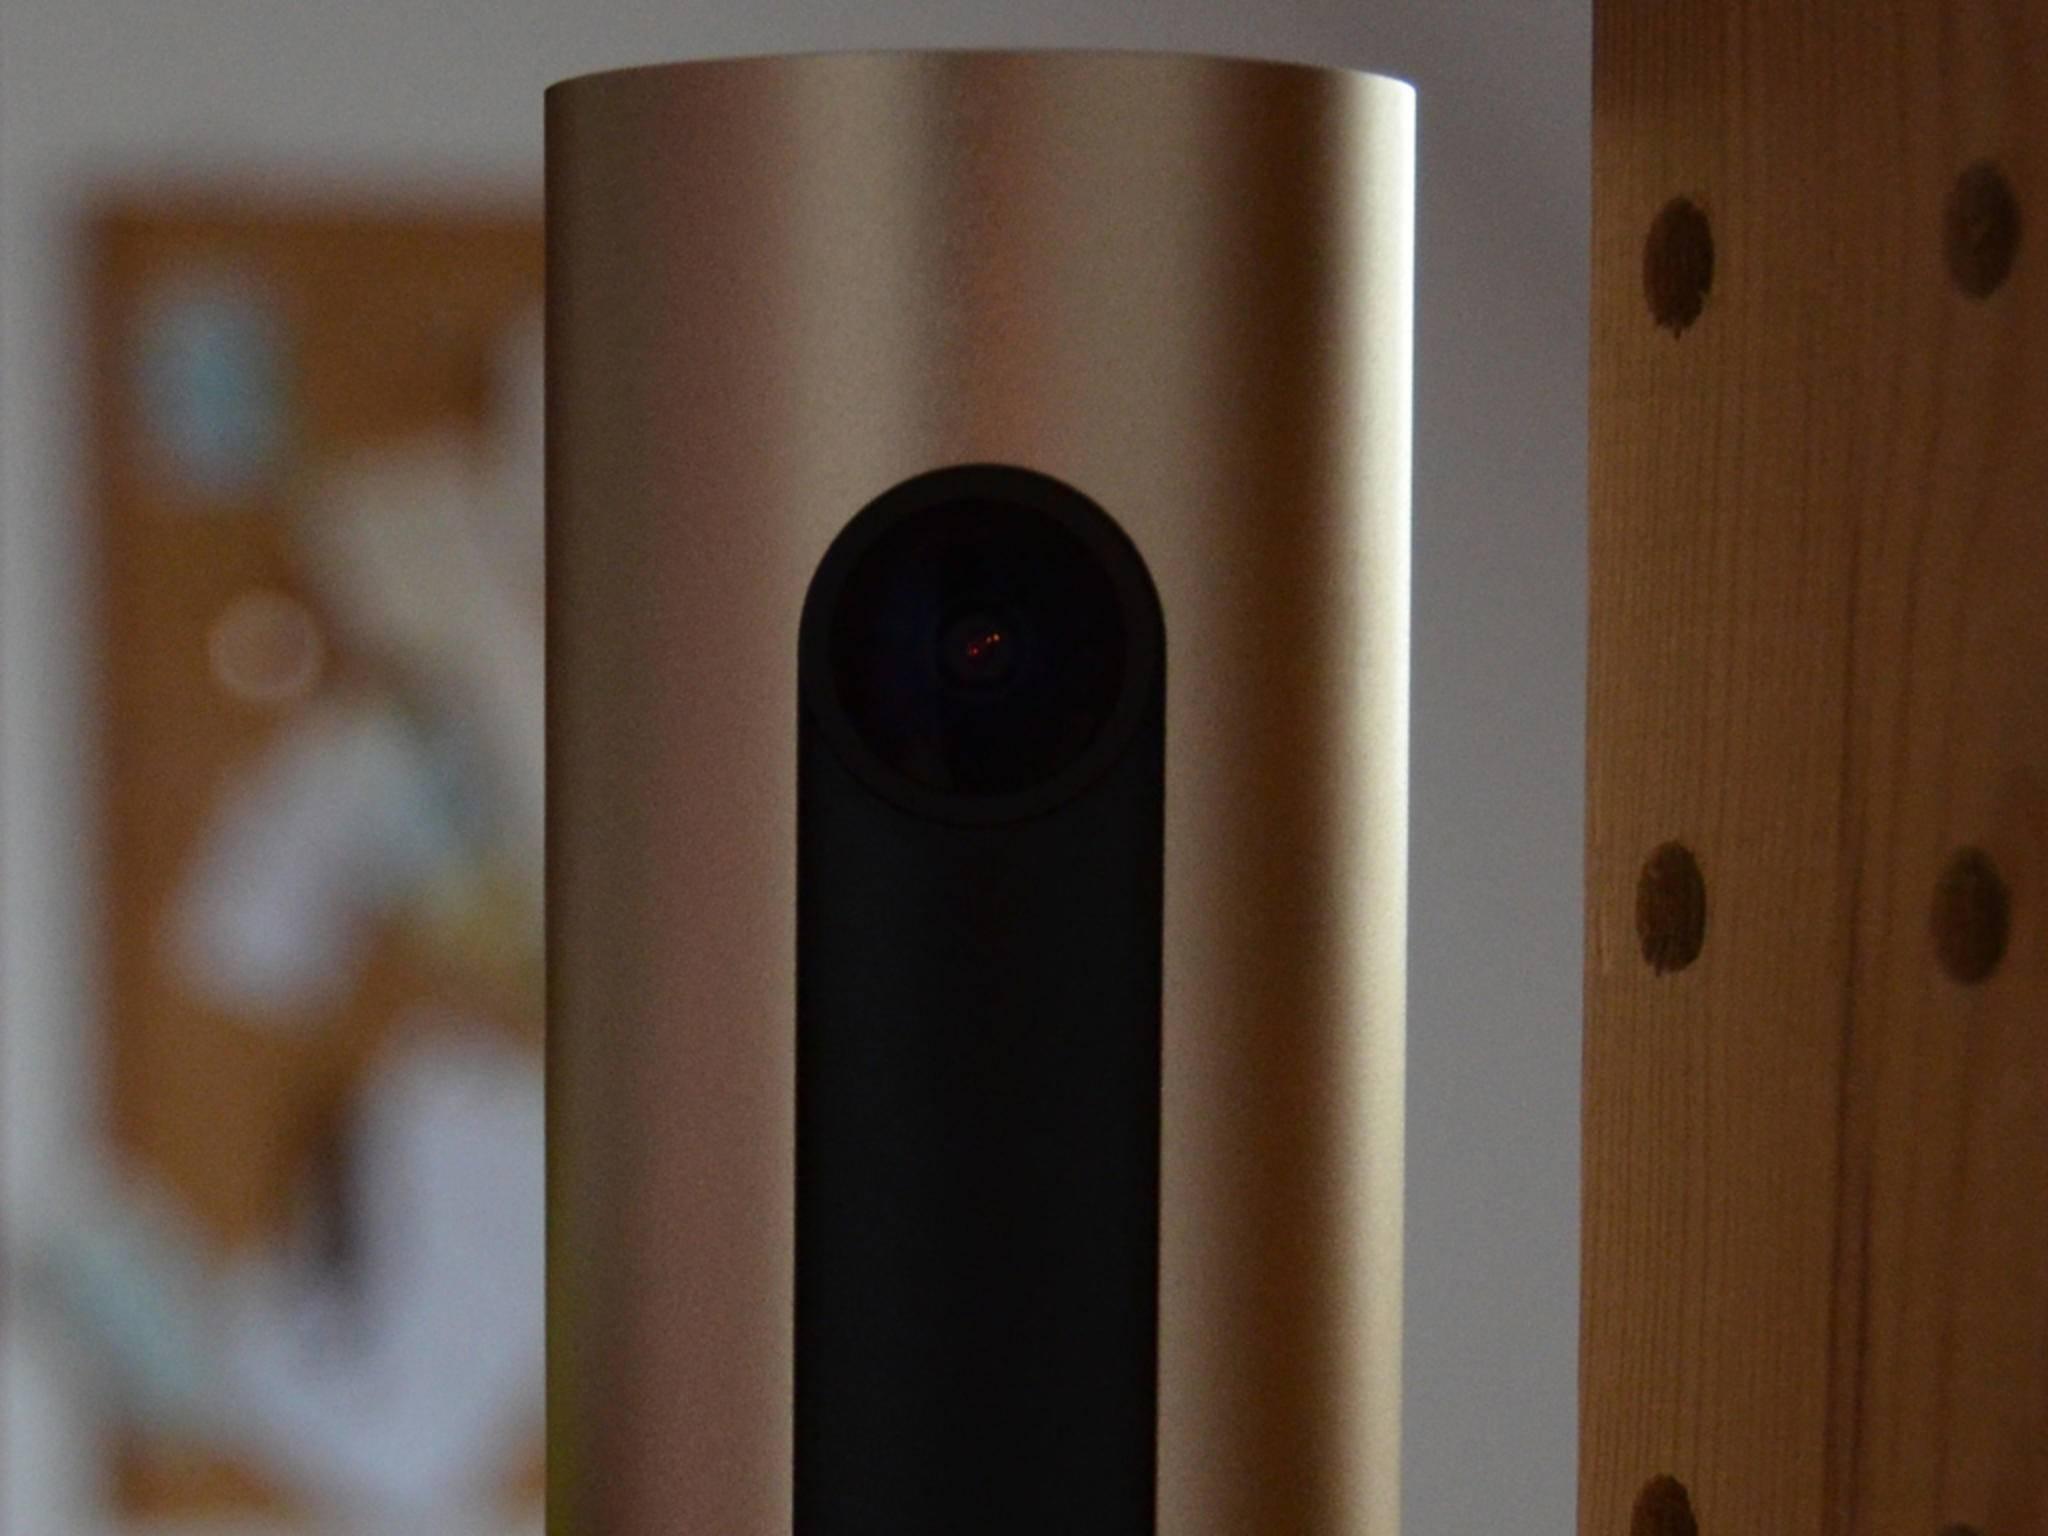 ... HD-Linse mit einem Blickwinkel von 130 Grad und verfügt neben ...